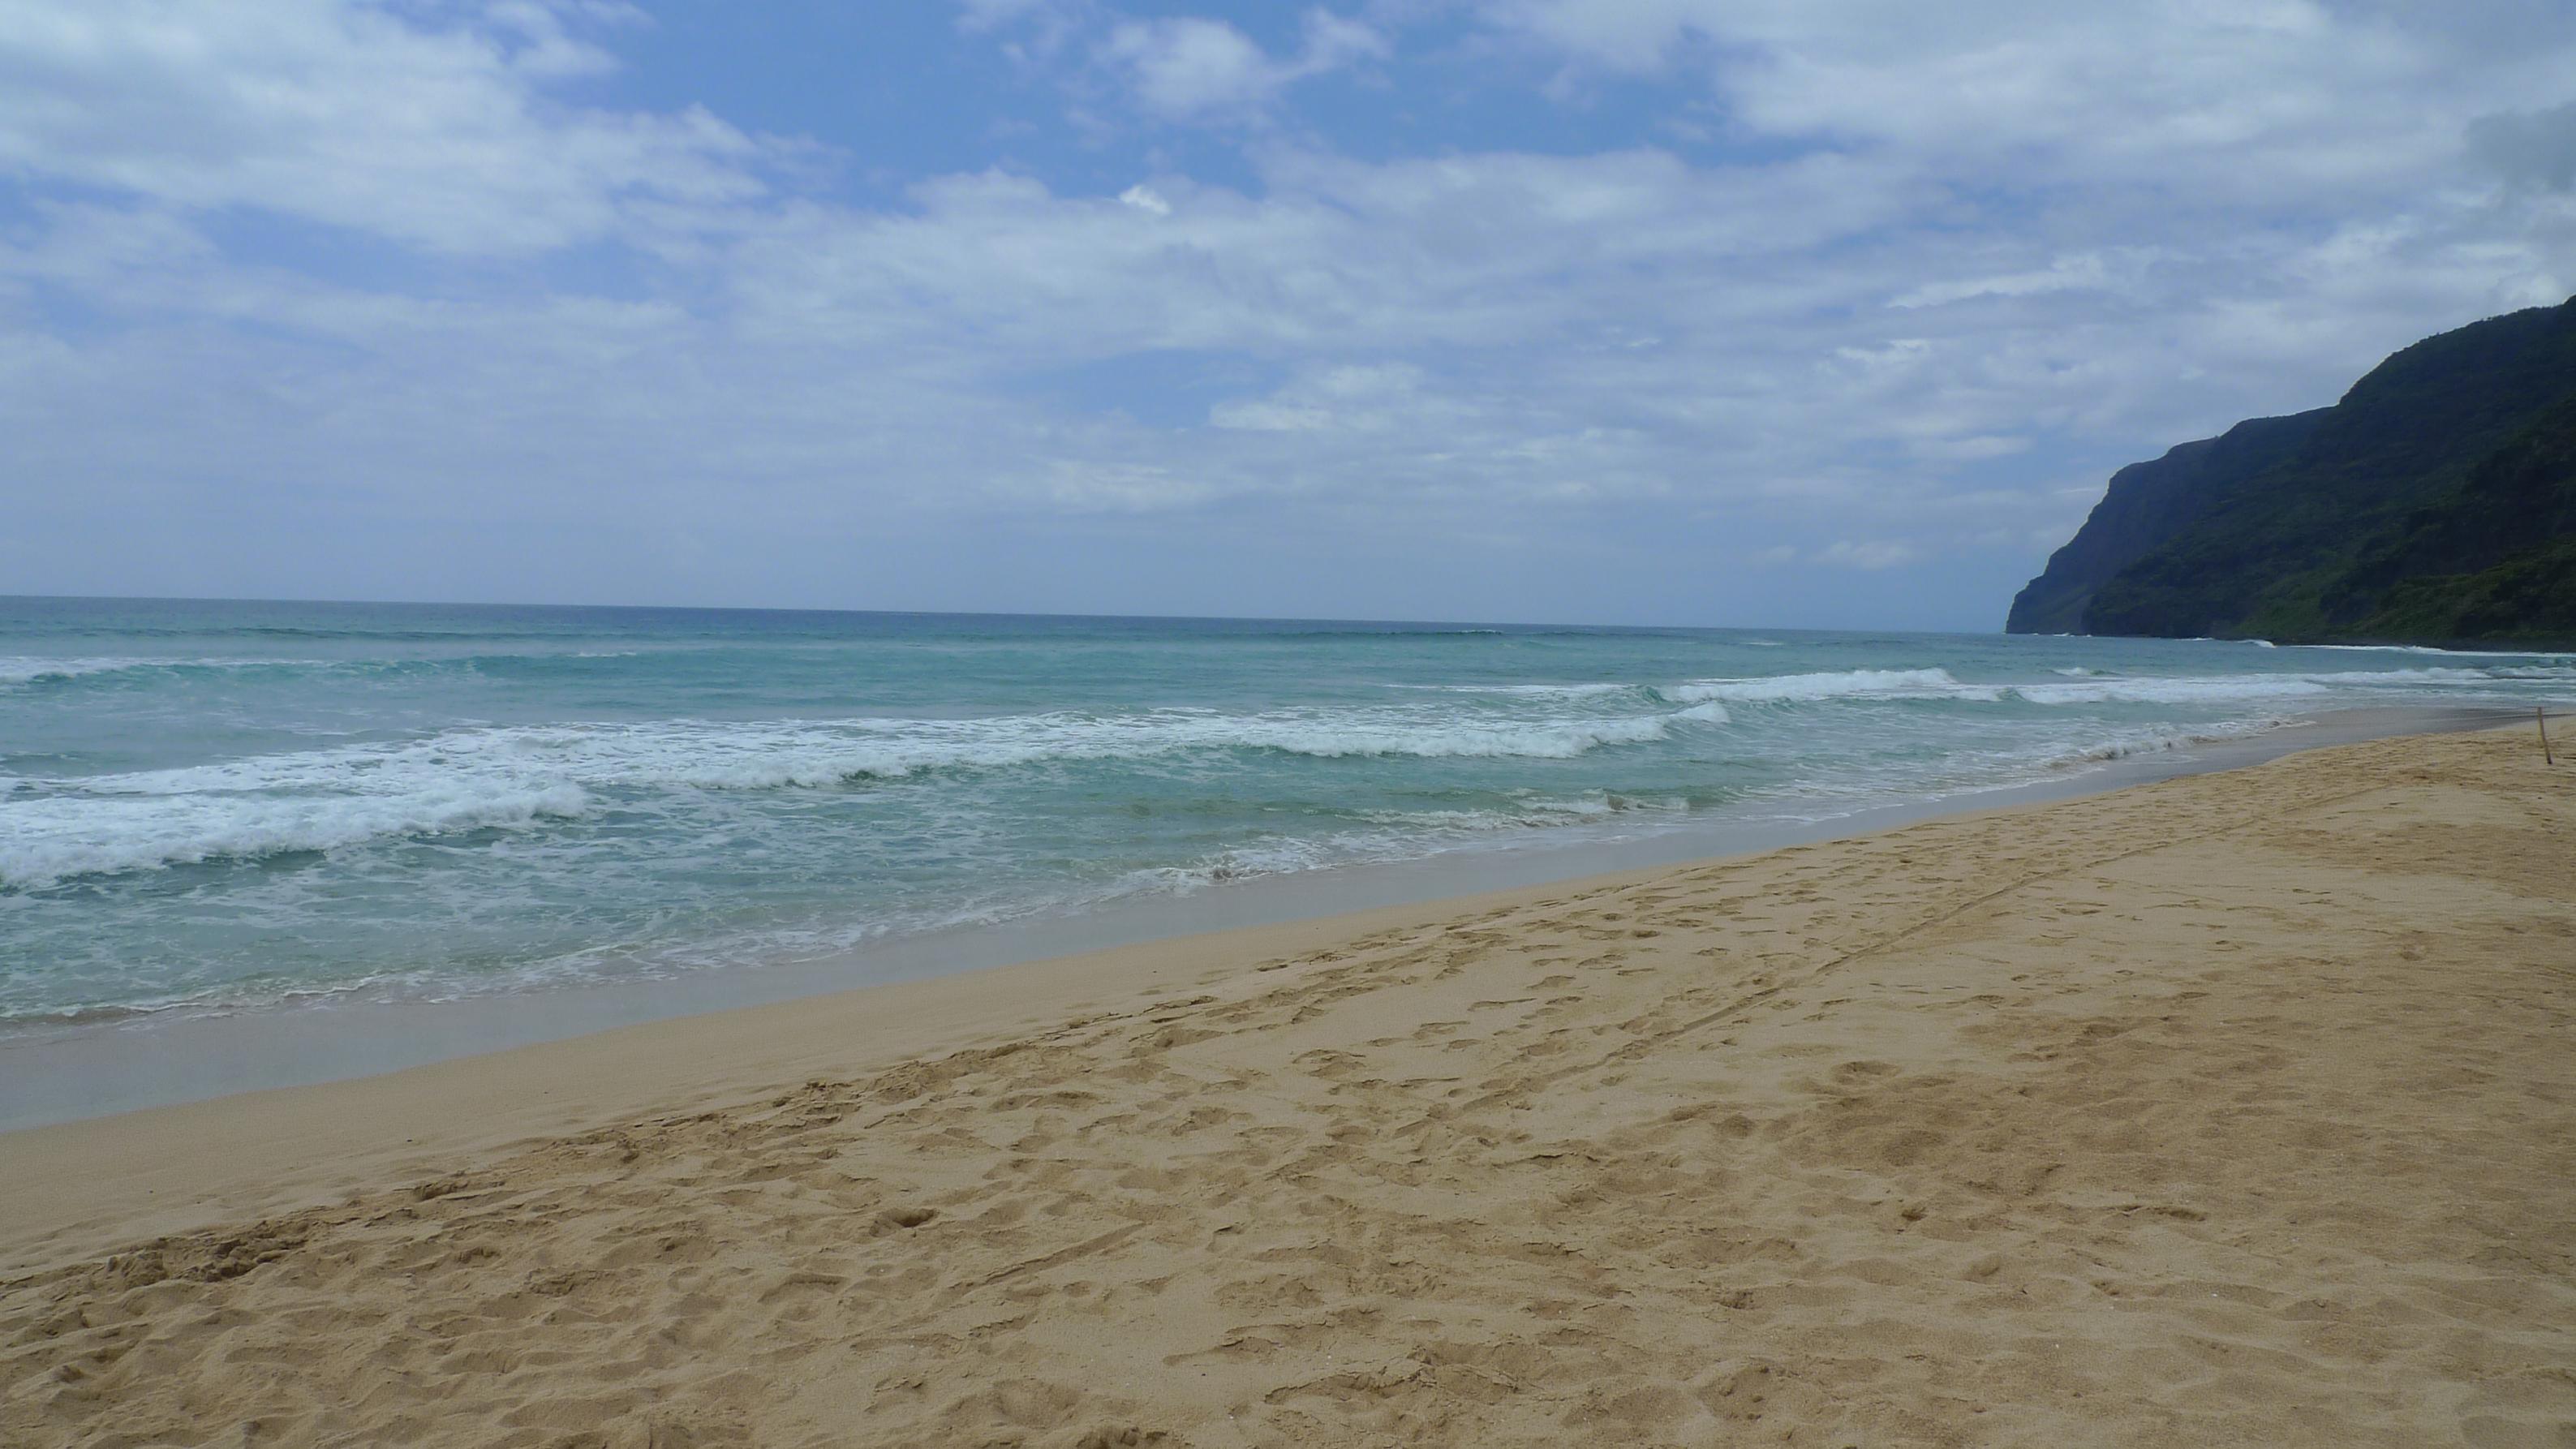 宇宙のビーチと癒しのビーチ in Hawaii_f0095325_2182174.jpg